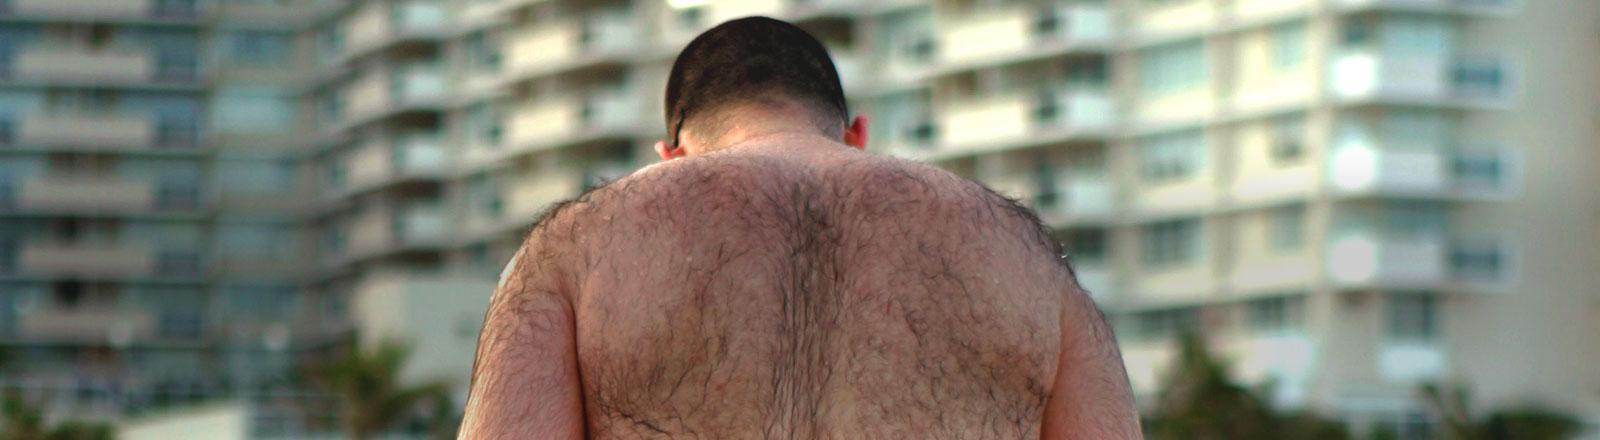 Ein Mann mit Rückenhaaren